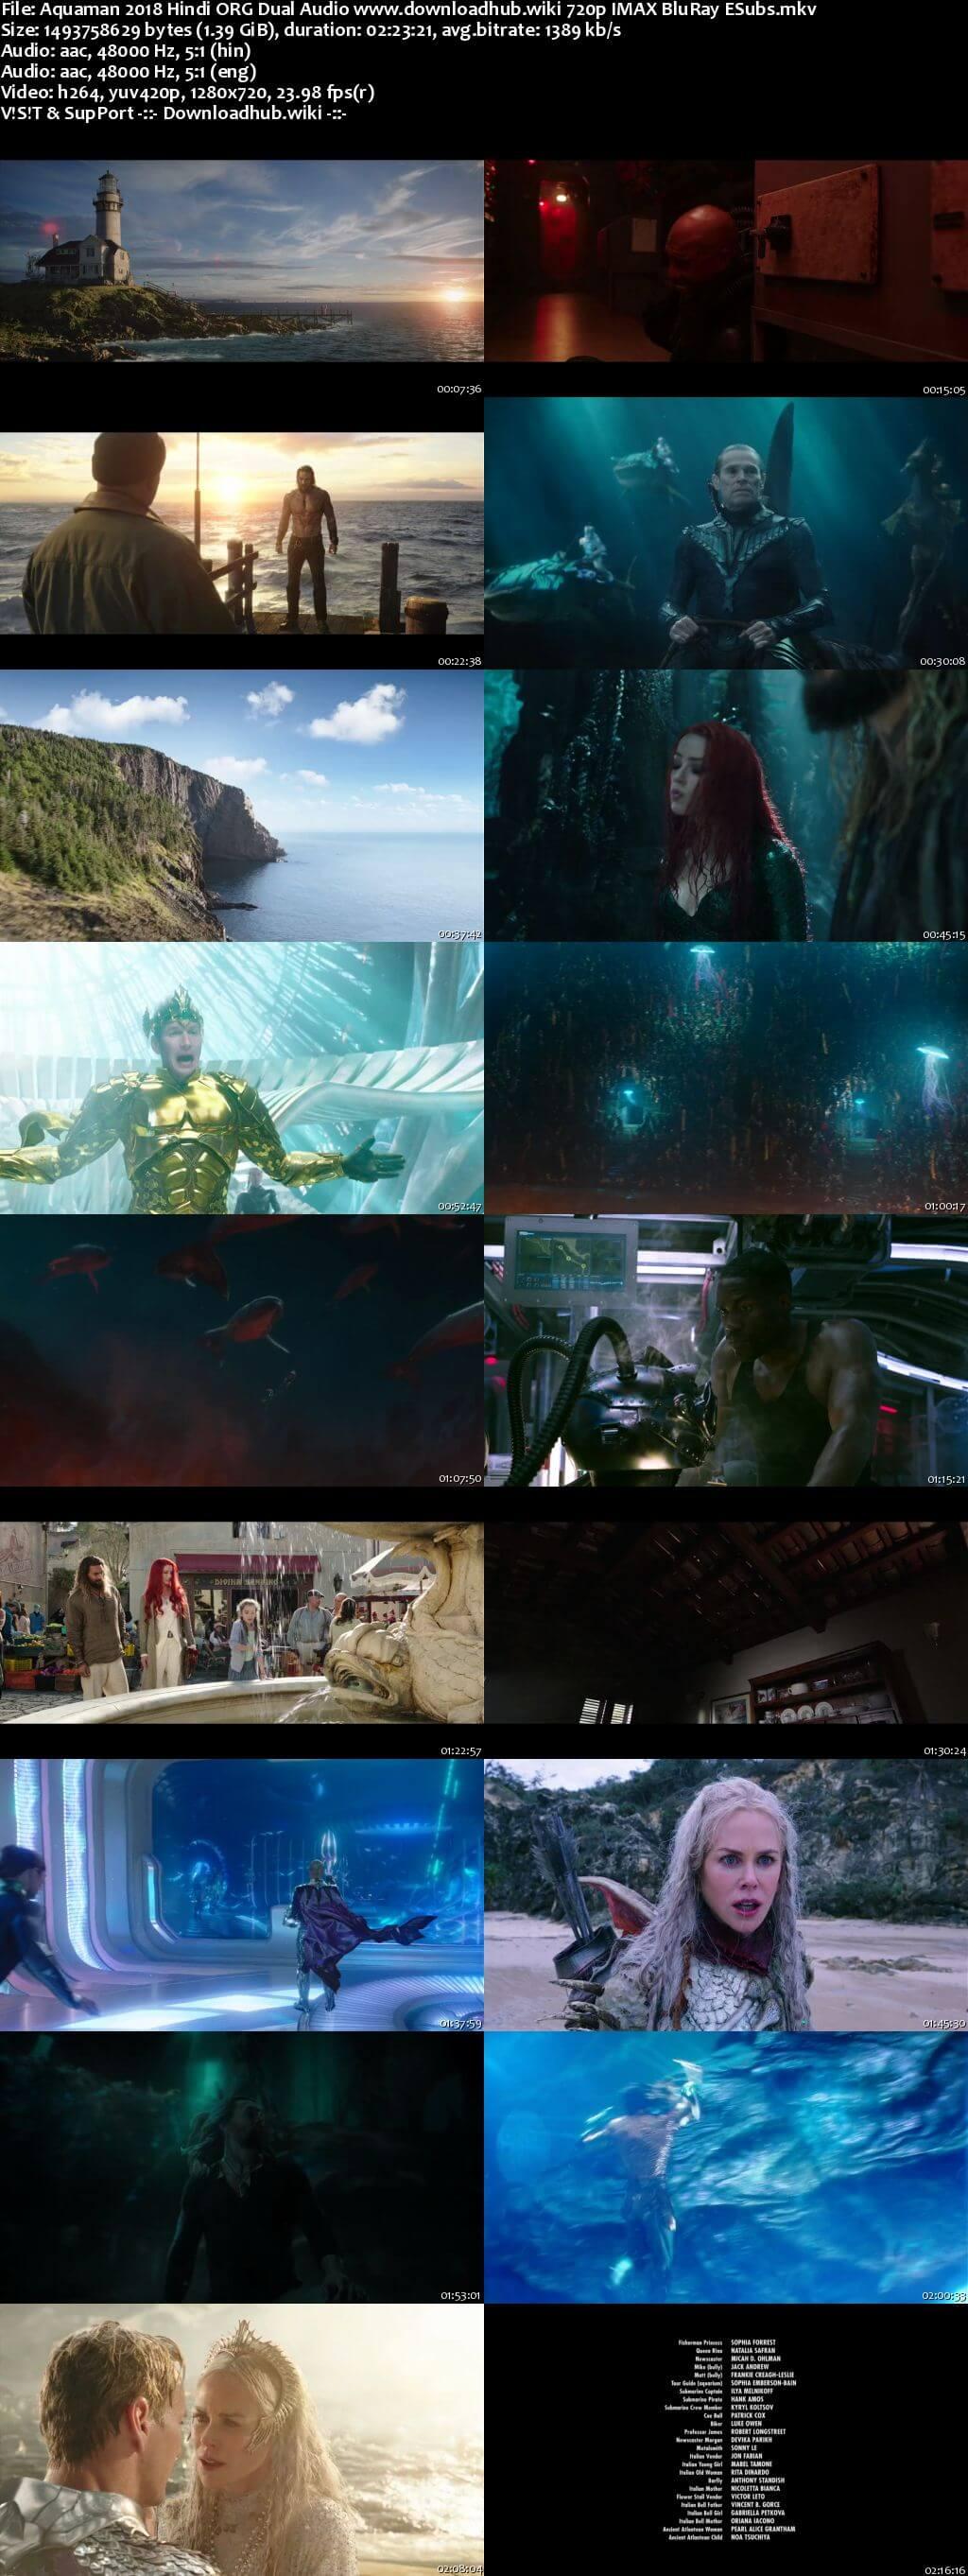 Aquaman 2018 Hindi ORG Dual Audio 720p IMAX BluRay ESubs